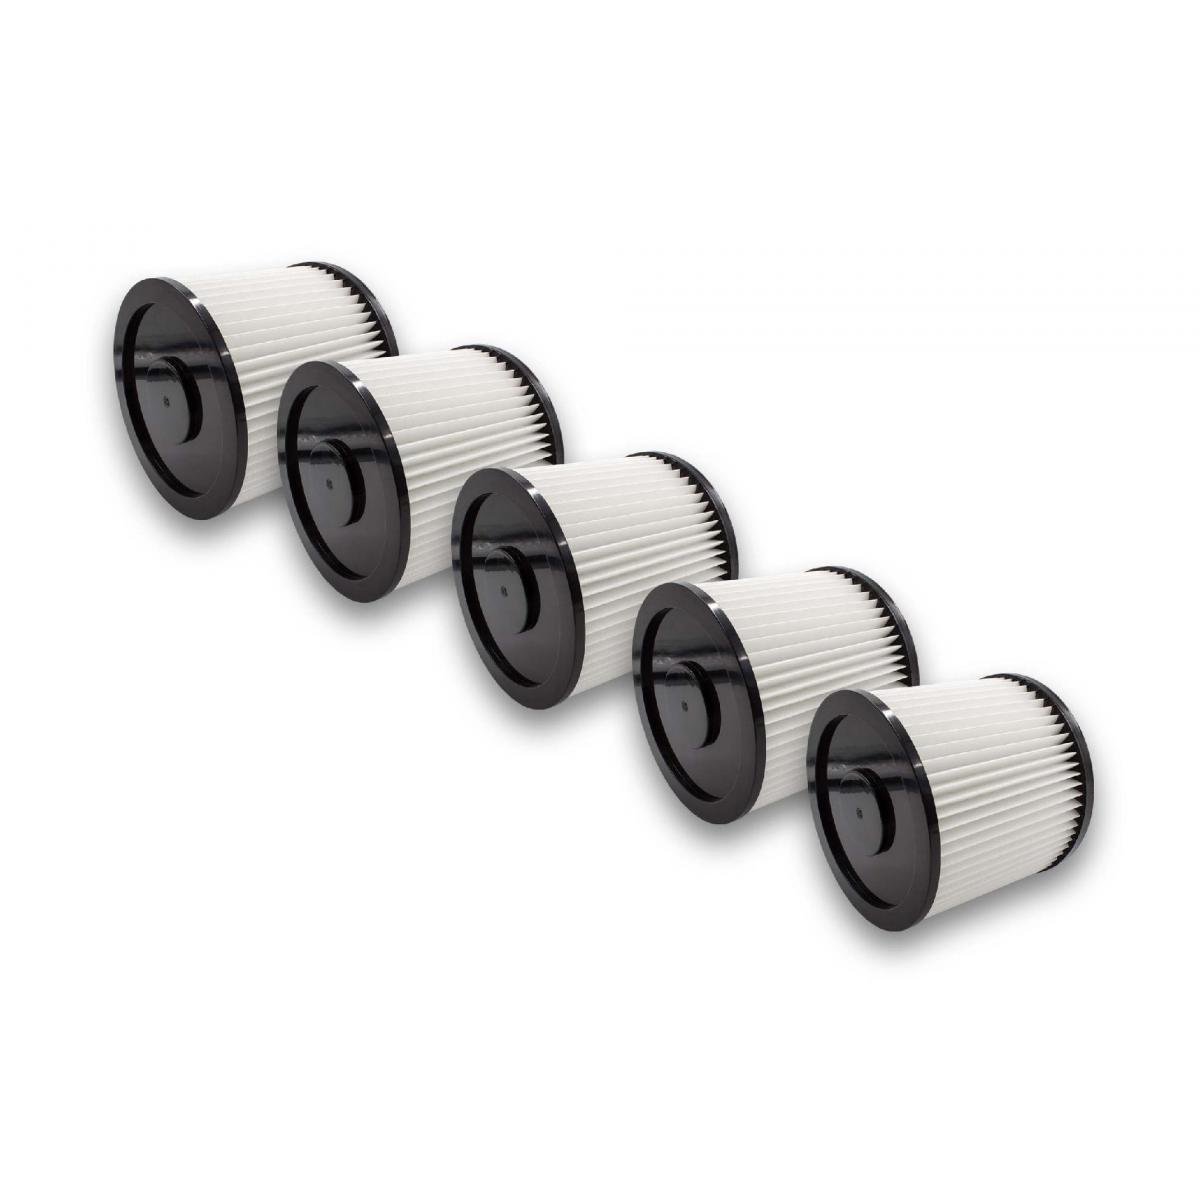 Vhbw vhbw 5x Filtre rond pour aspirateur multifonction compatible avec Aqua Vac Super 30, 40, 615 S1, 615 S2, 760